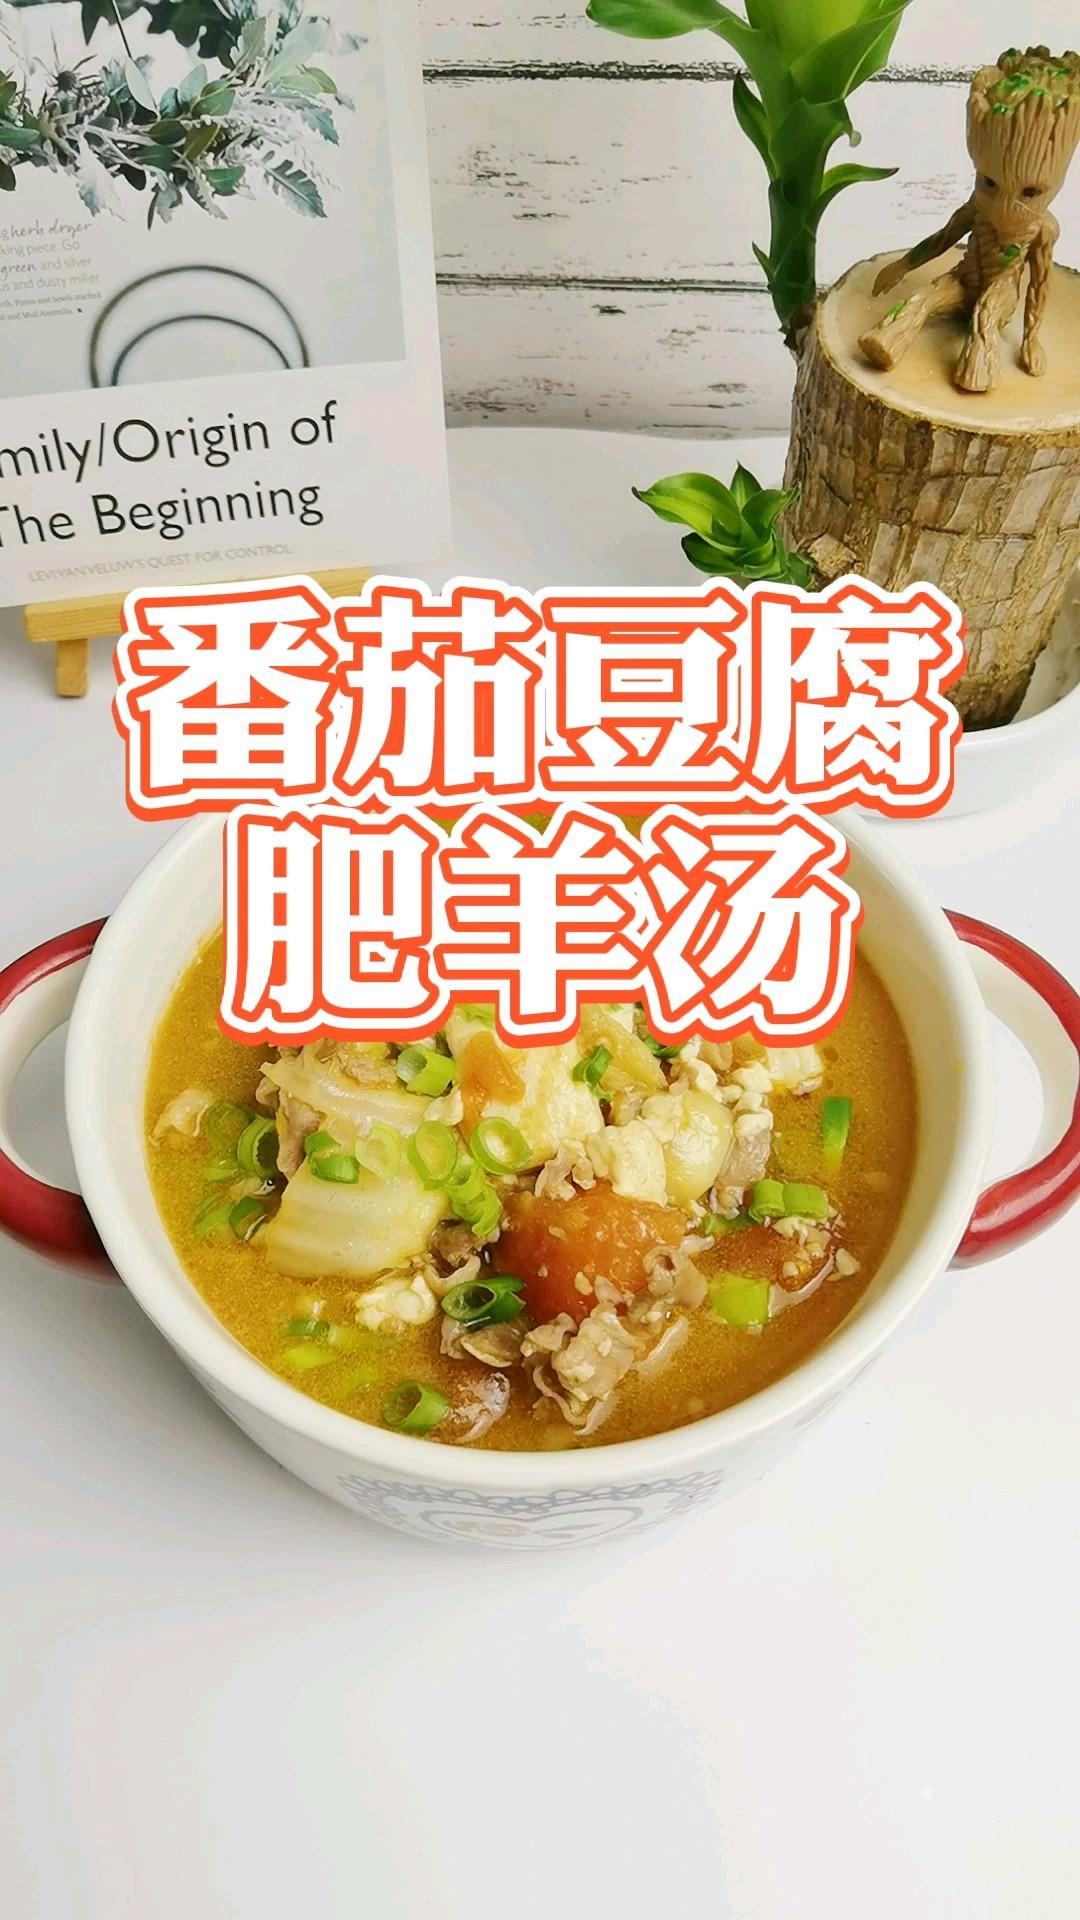 天冷汤暖人,给家人煮个汤-番茄豆腐肥羊汤,开胃补钙又浓郁鲜美